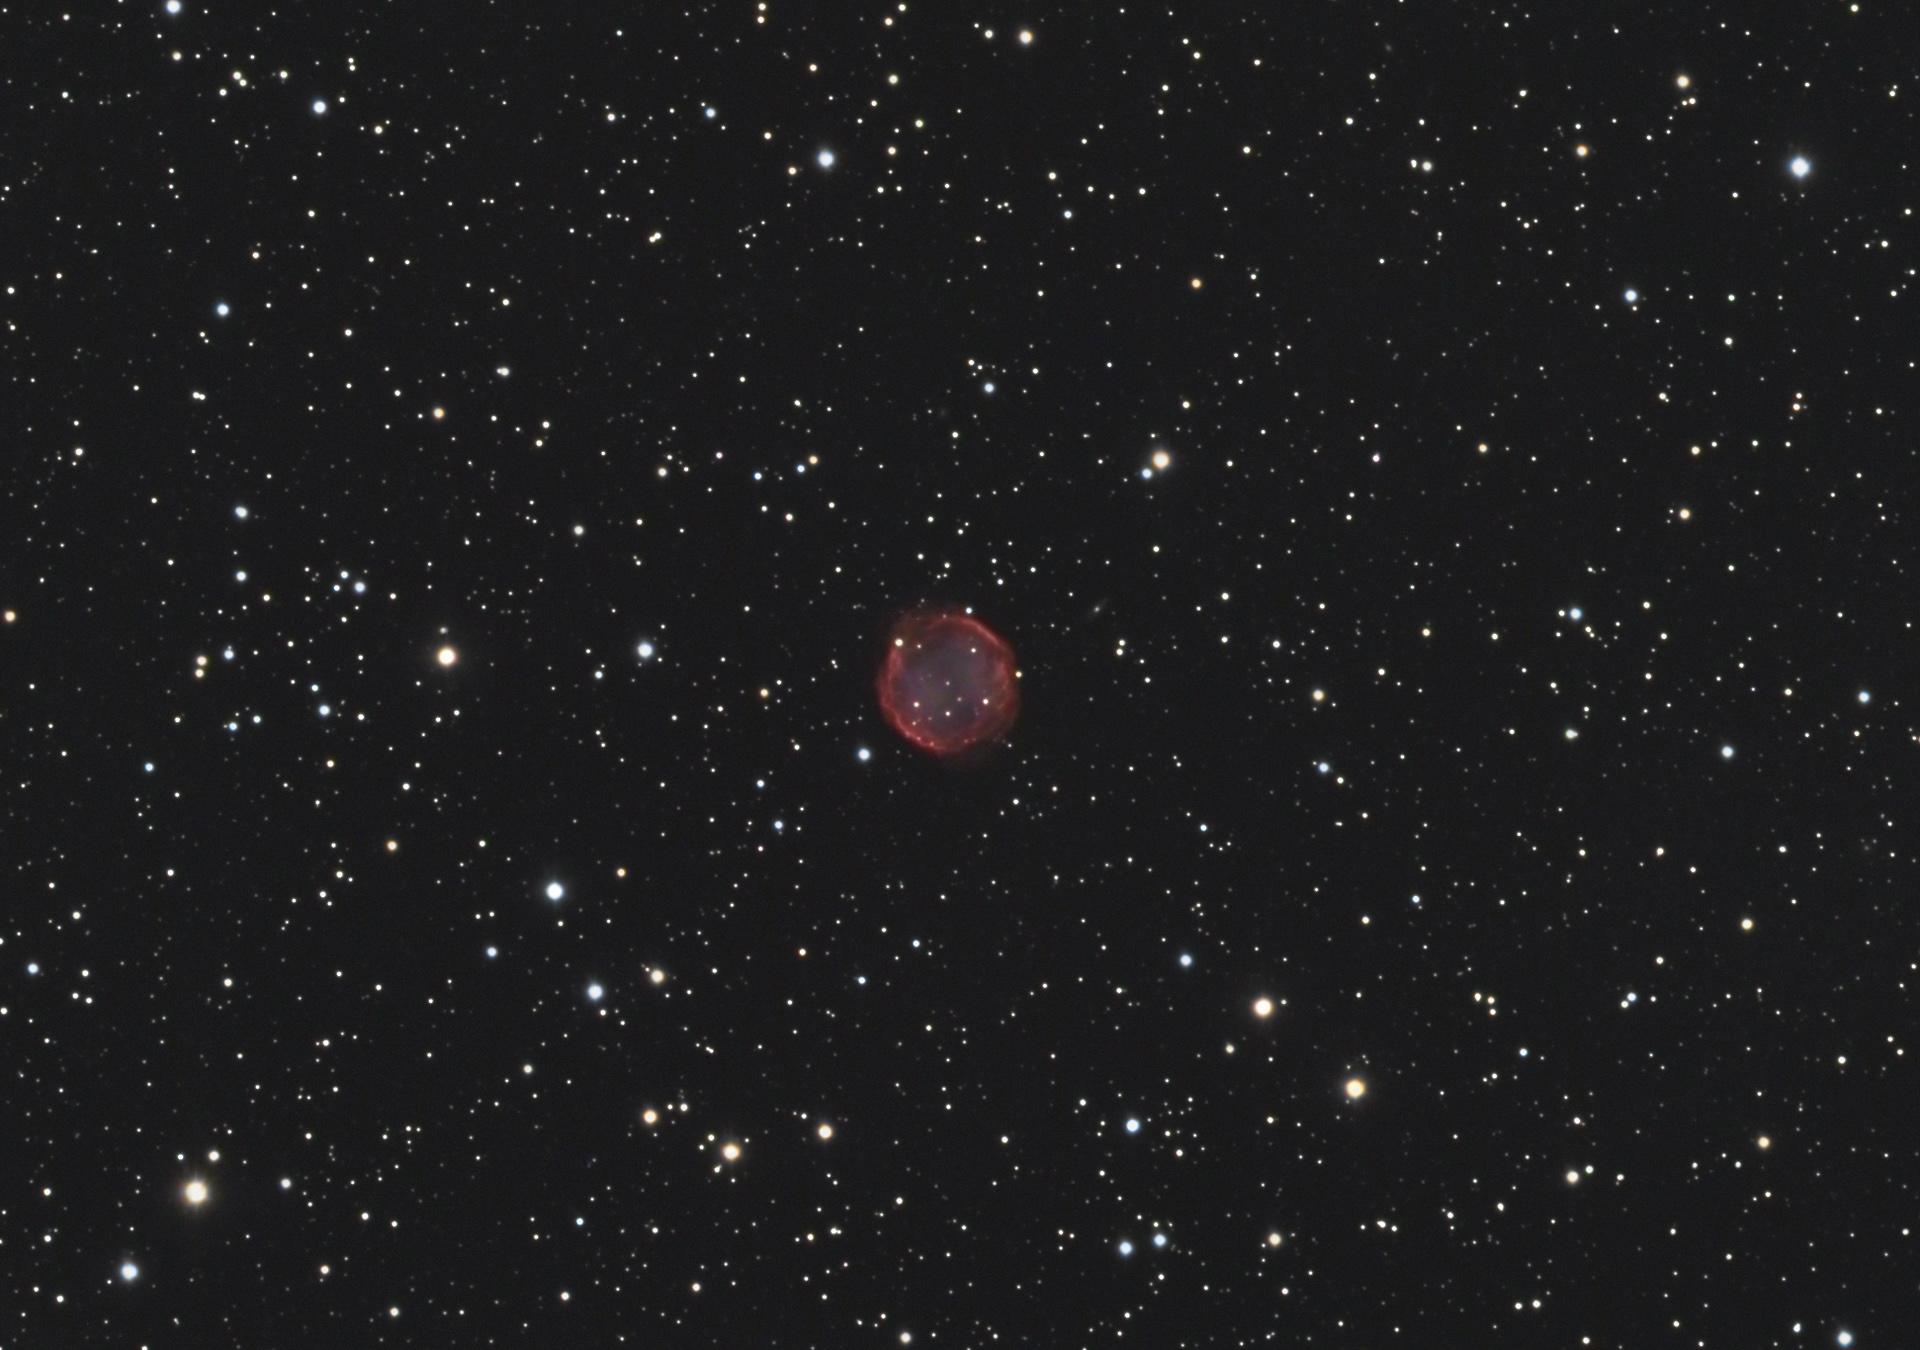 Petites nébuleuses planétaires N7139c11